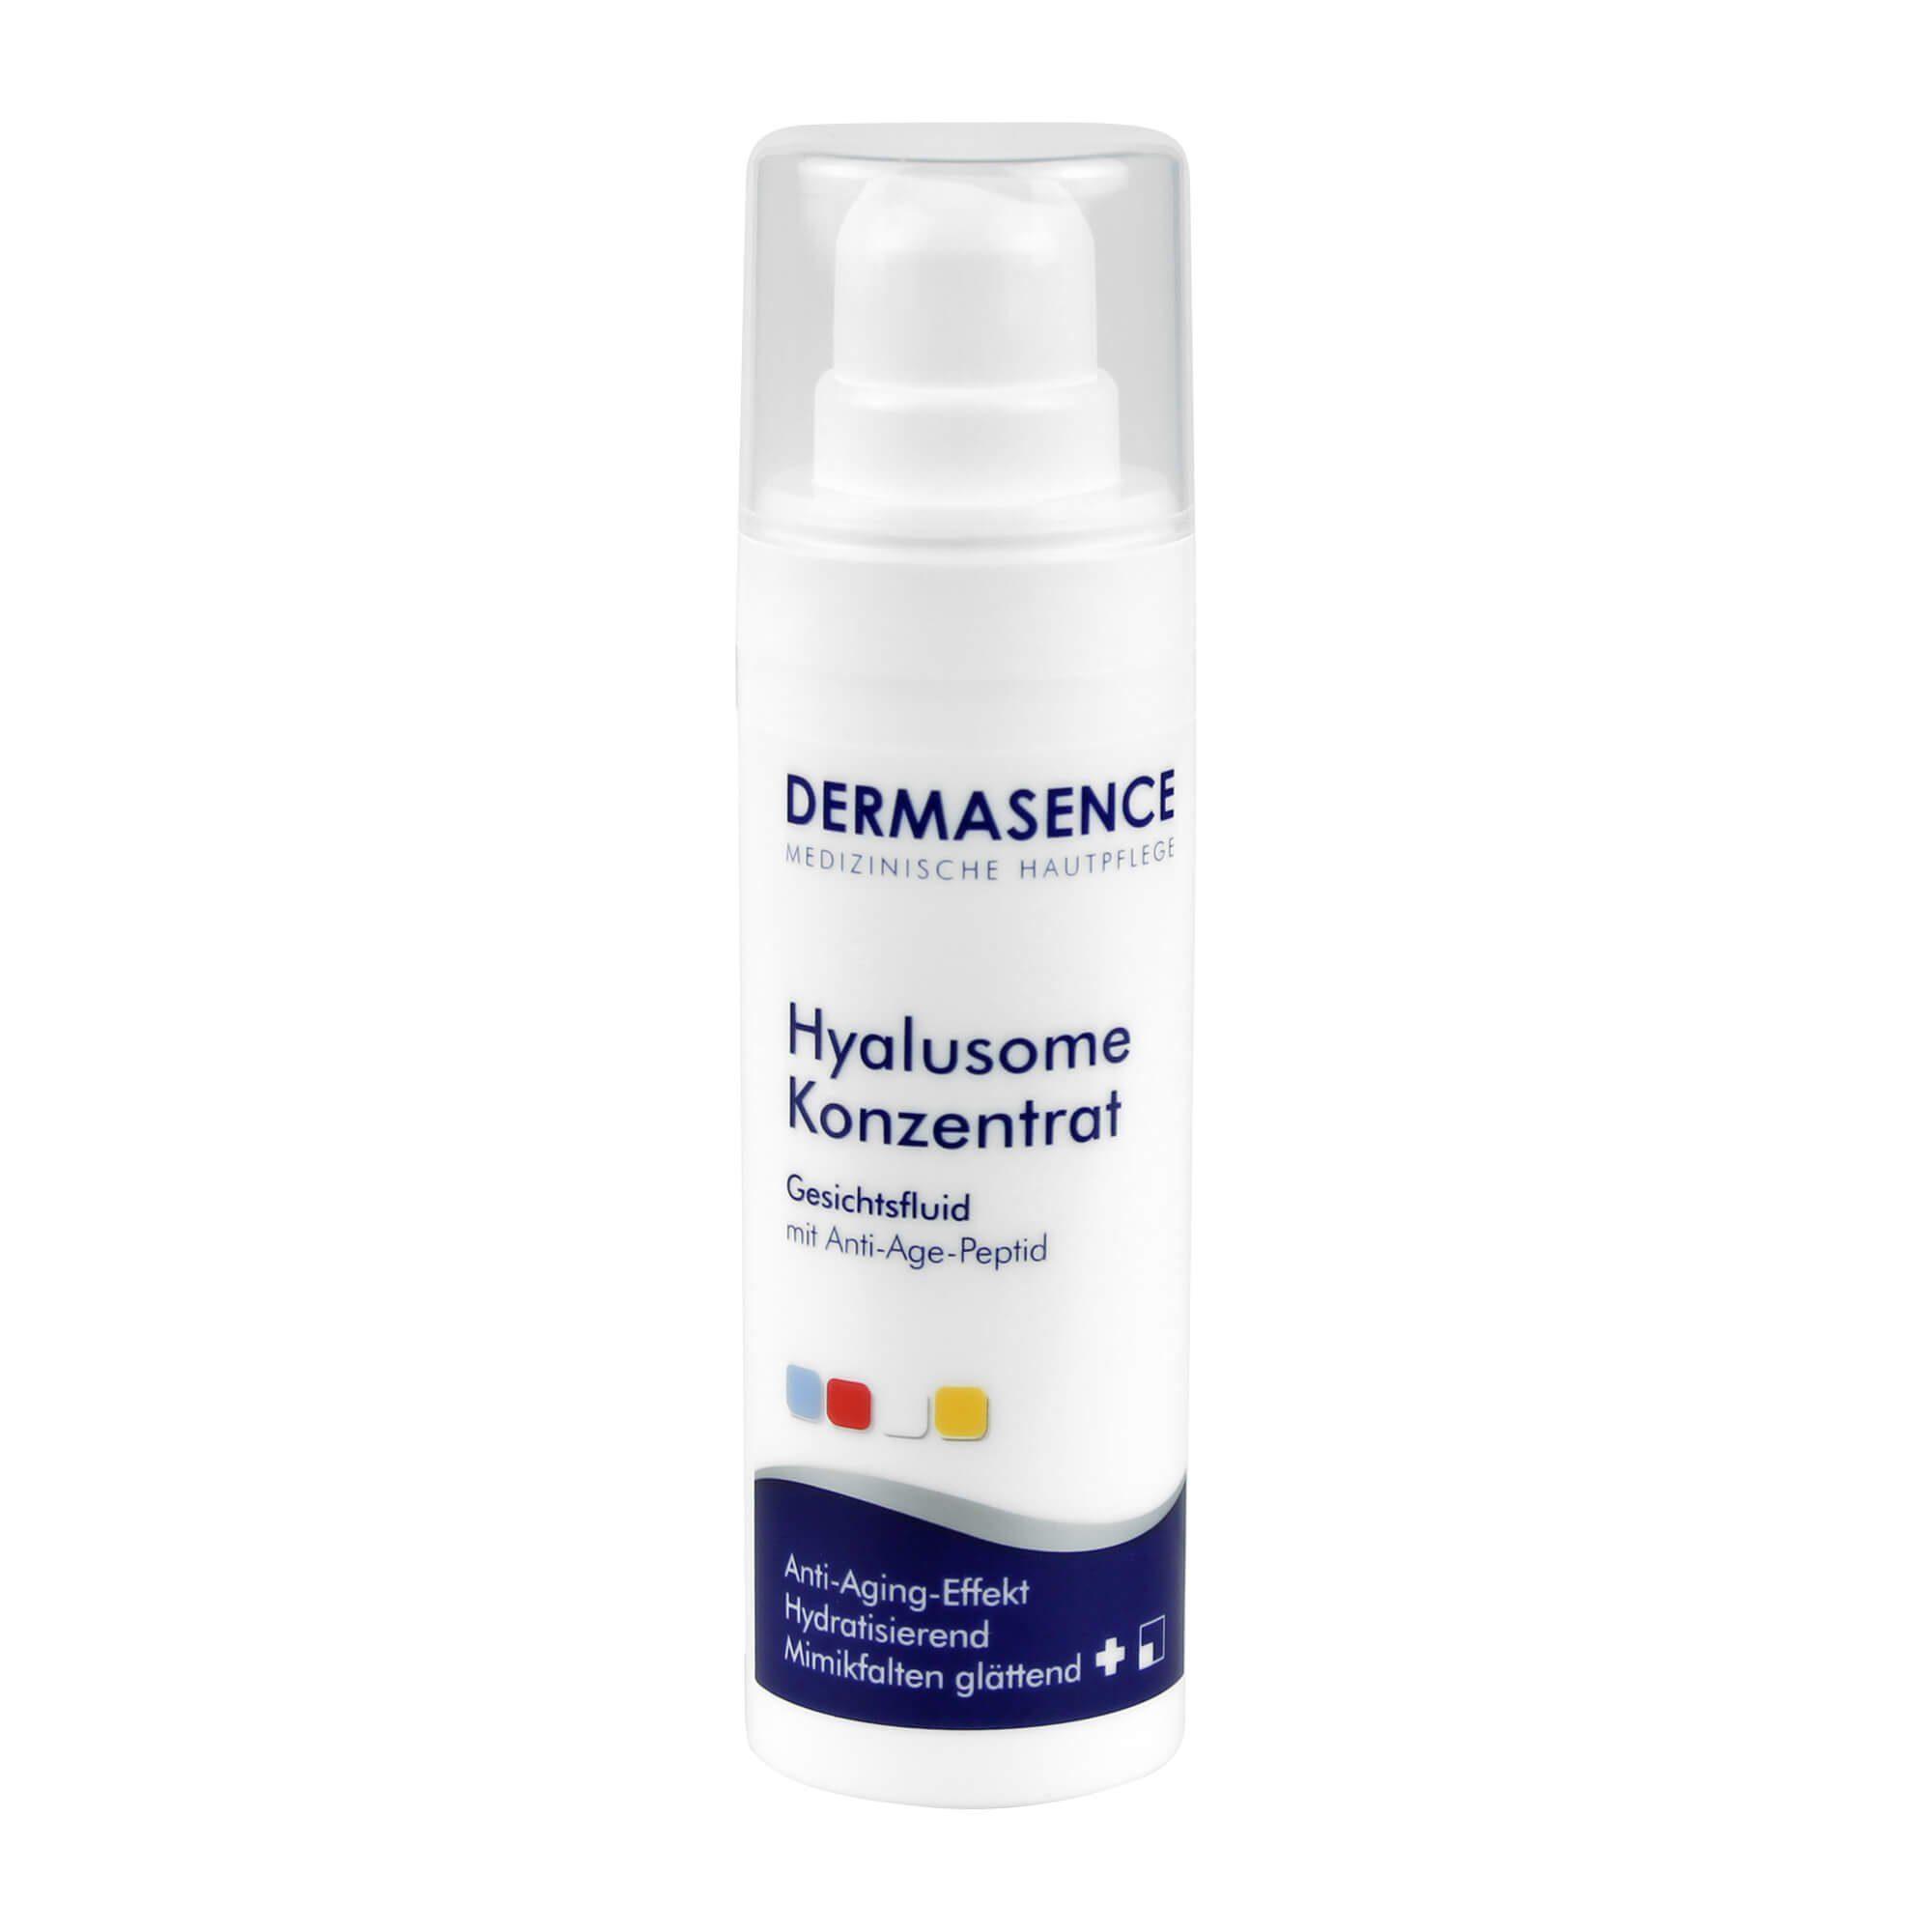 Dermasence Dermasence Hyalusome Konzentrat , 30 ml